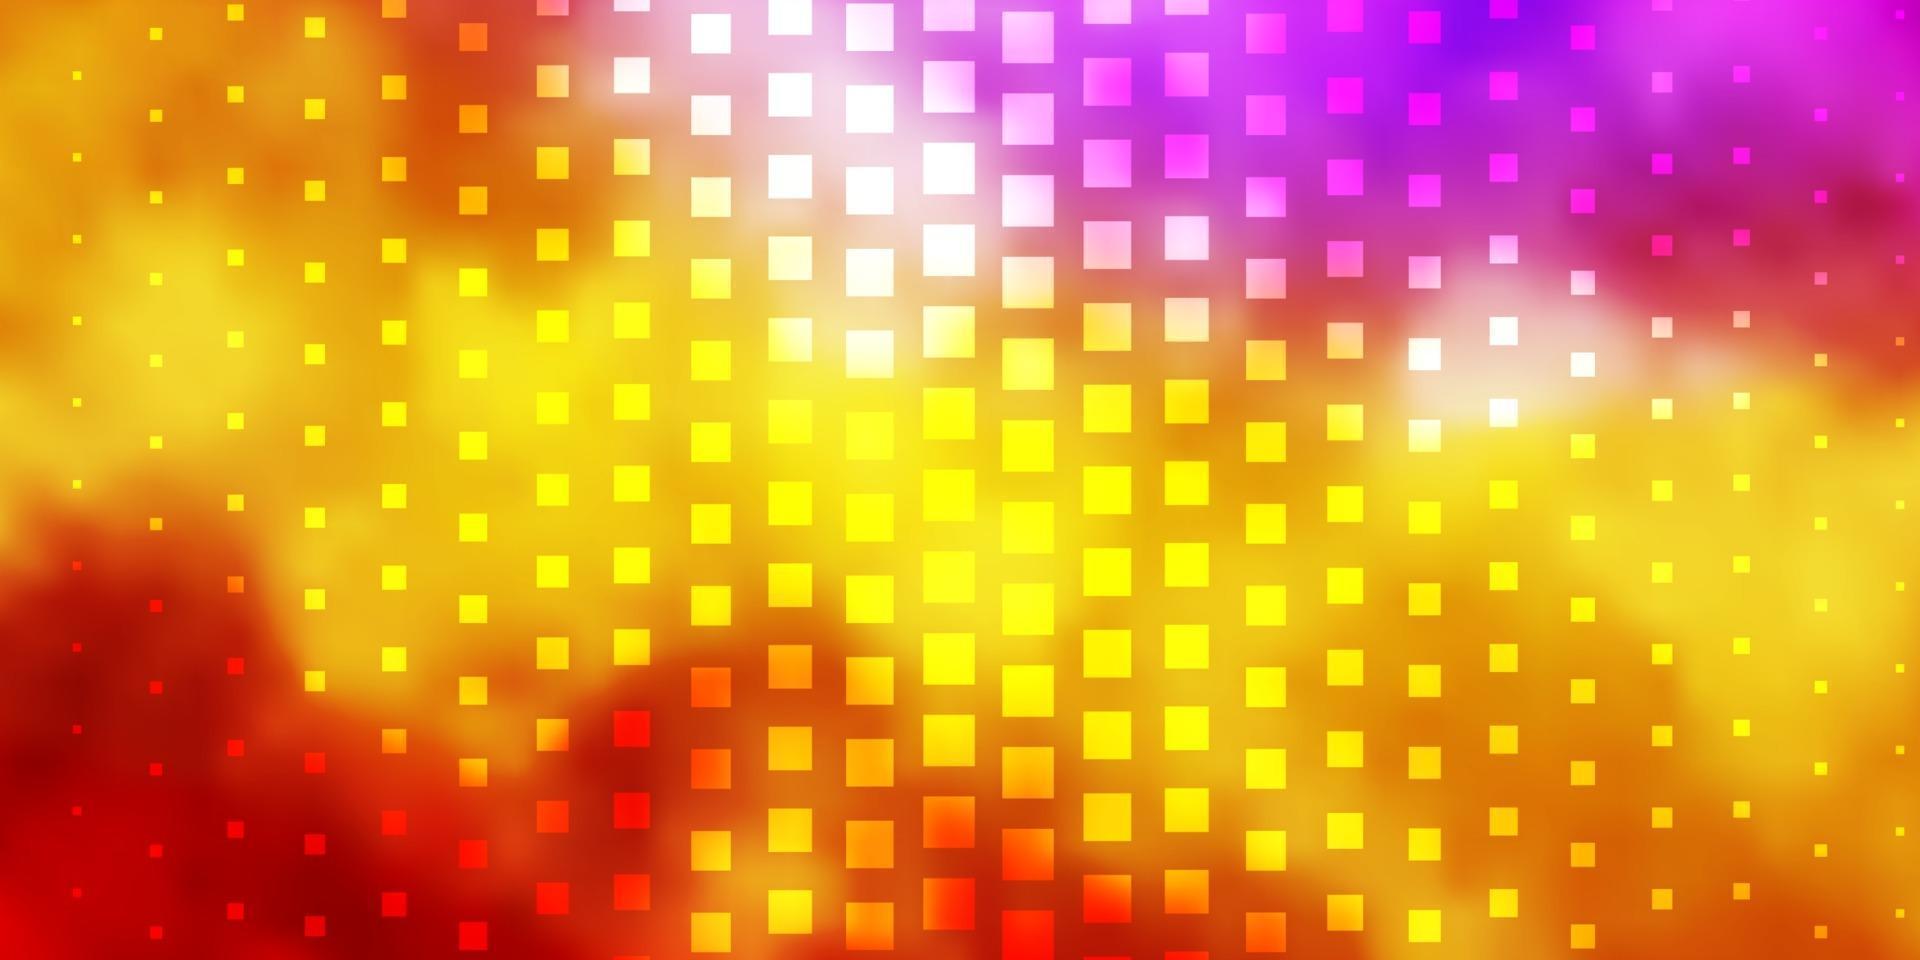 ljus flerfärgad vektorlayout med linjer, rektanglar. vektor